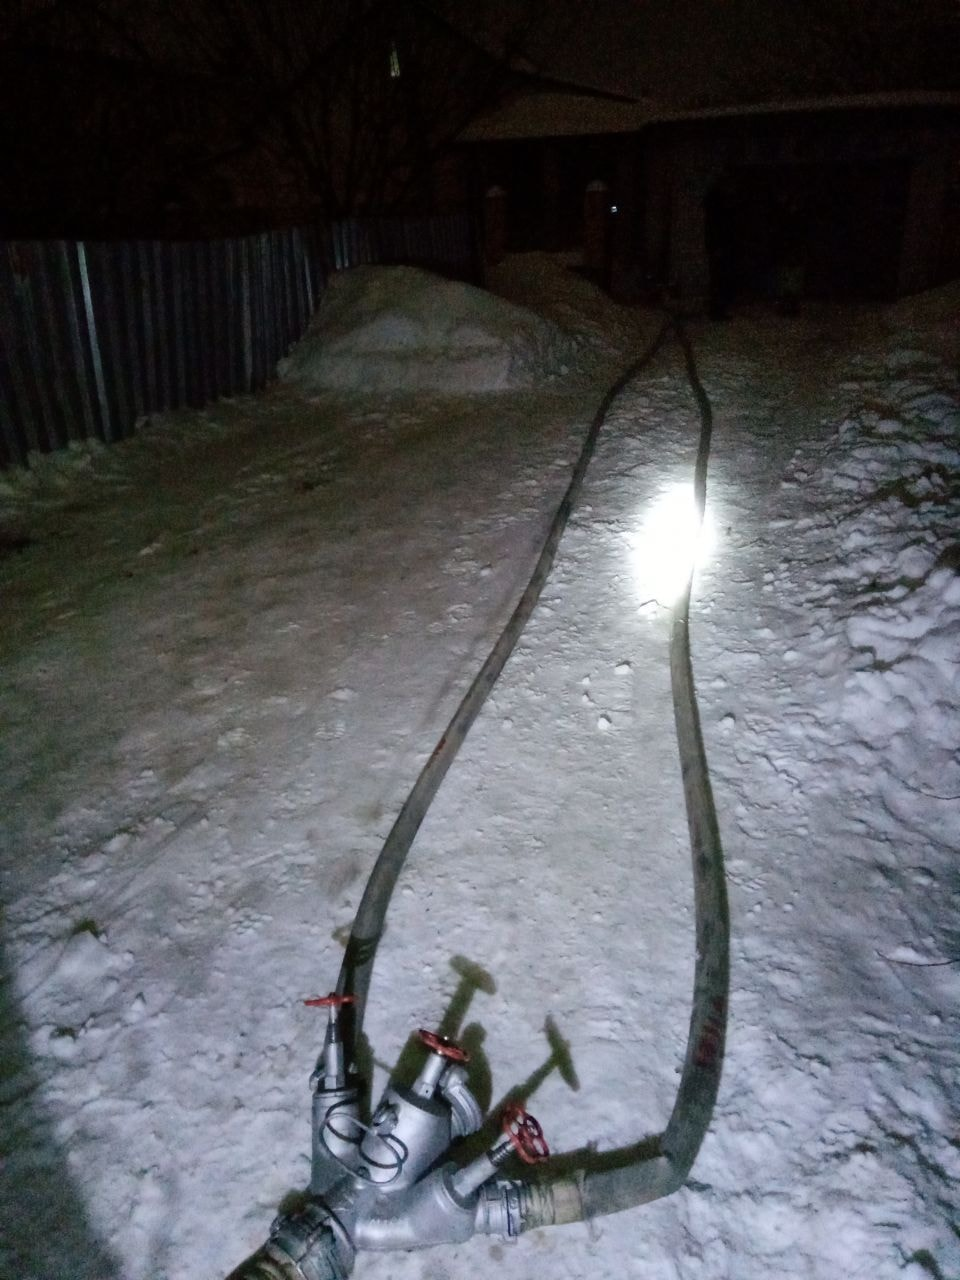 В лісі під Борисполем загубилася людина - рятувальники, пожежа - 152387922 887060718761367 8990326802356656287 o